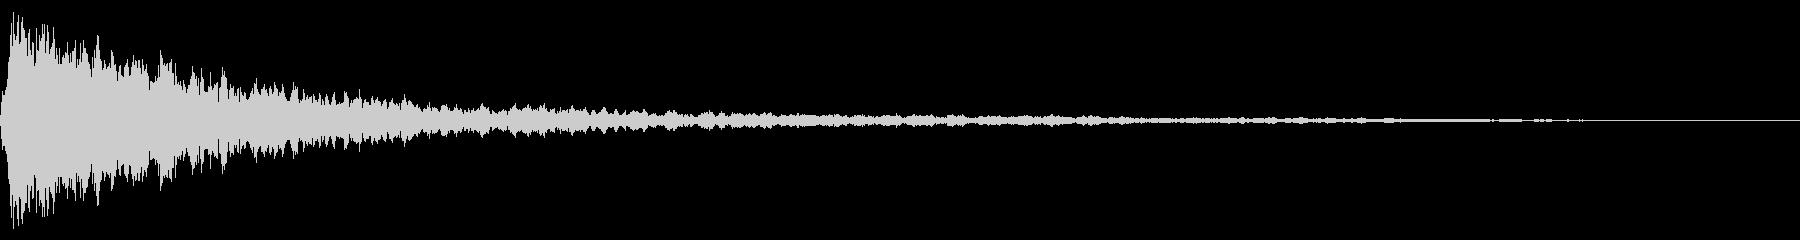 ホラー系アタック音48の未再生の波形